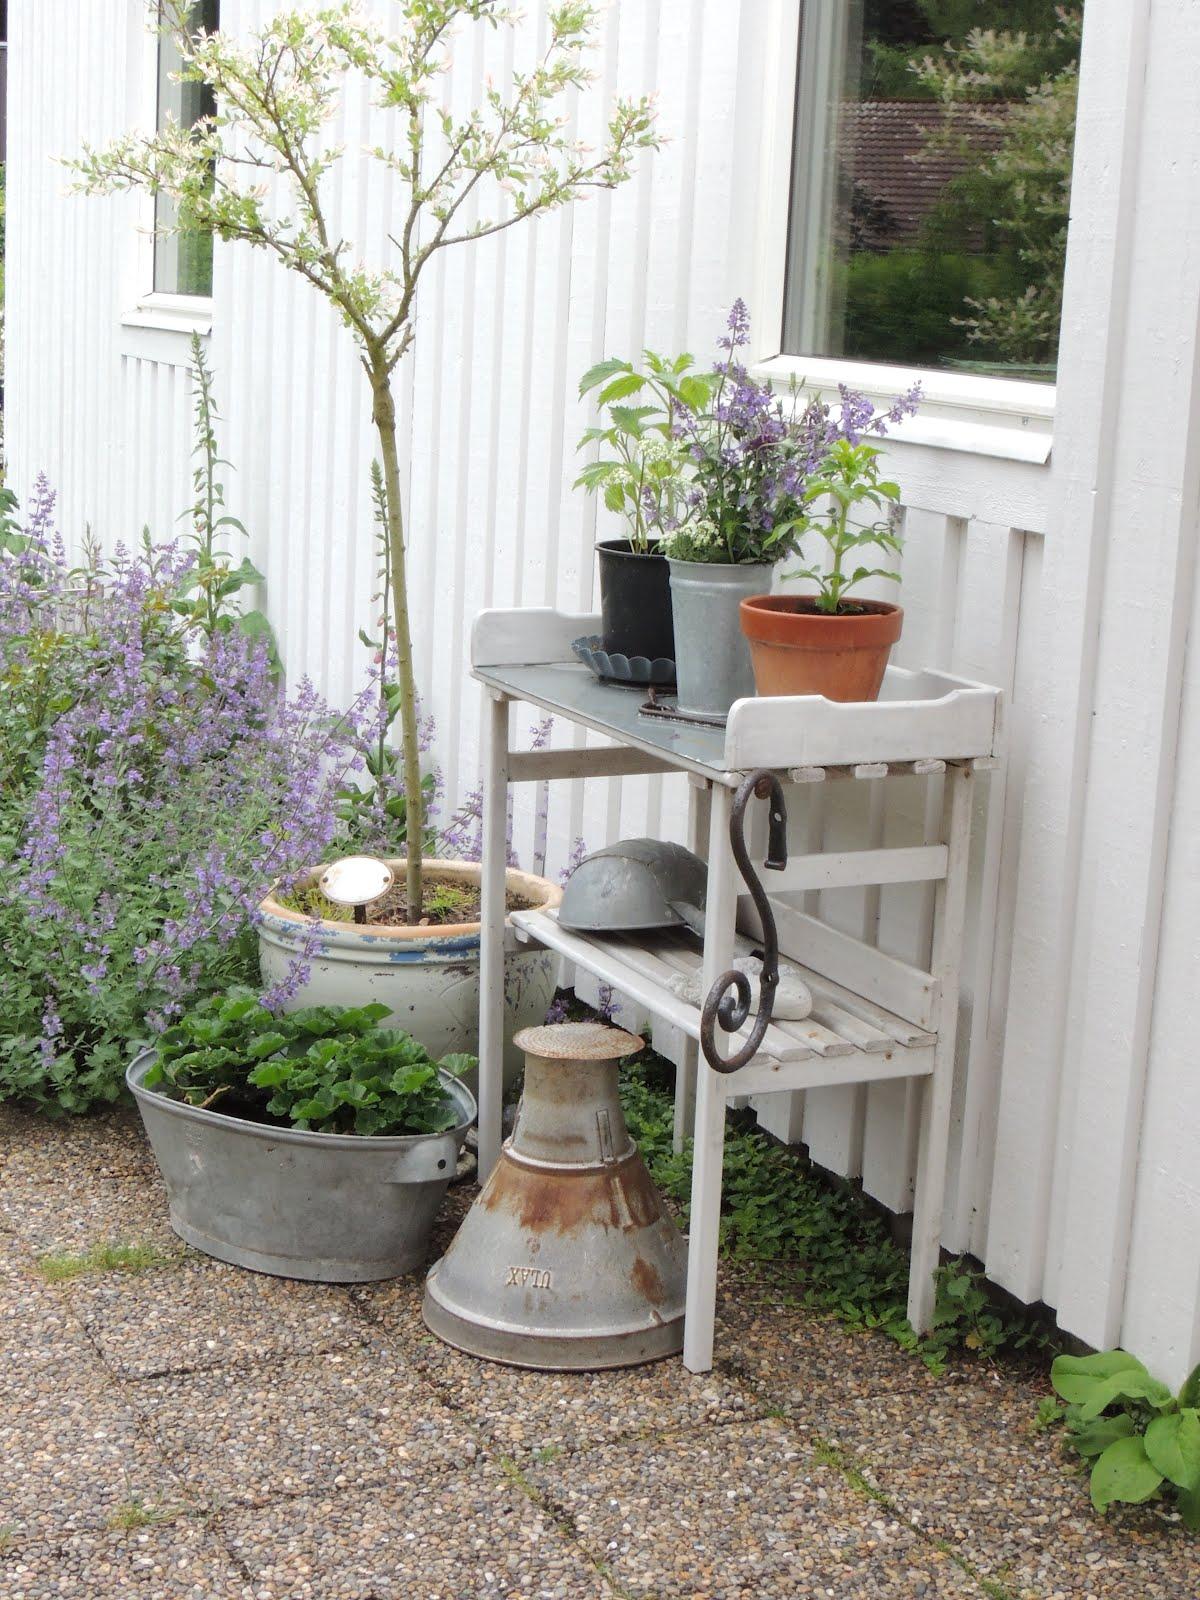 Syster vit: Planteringsbord